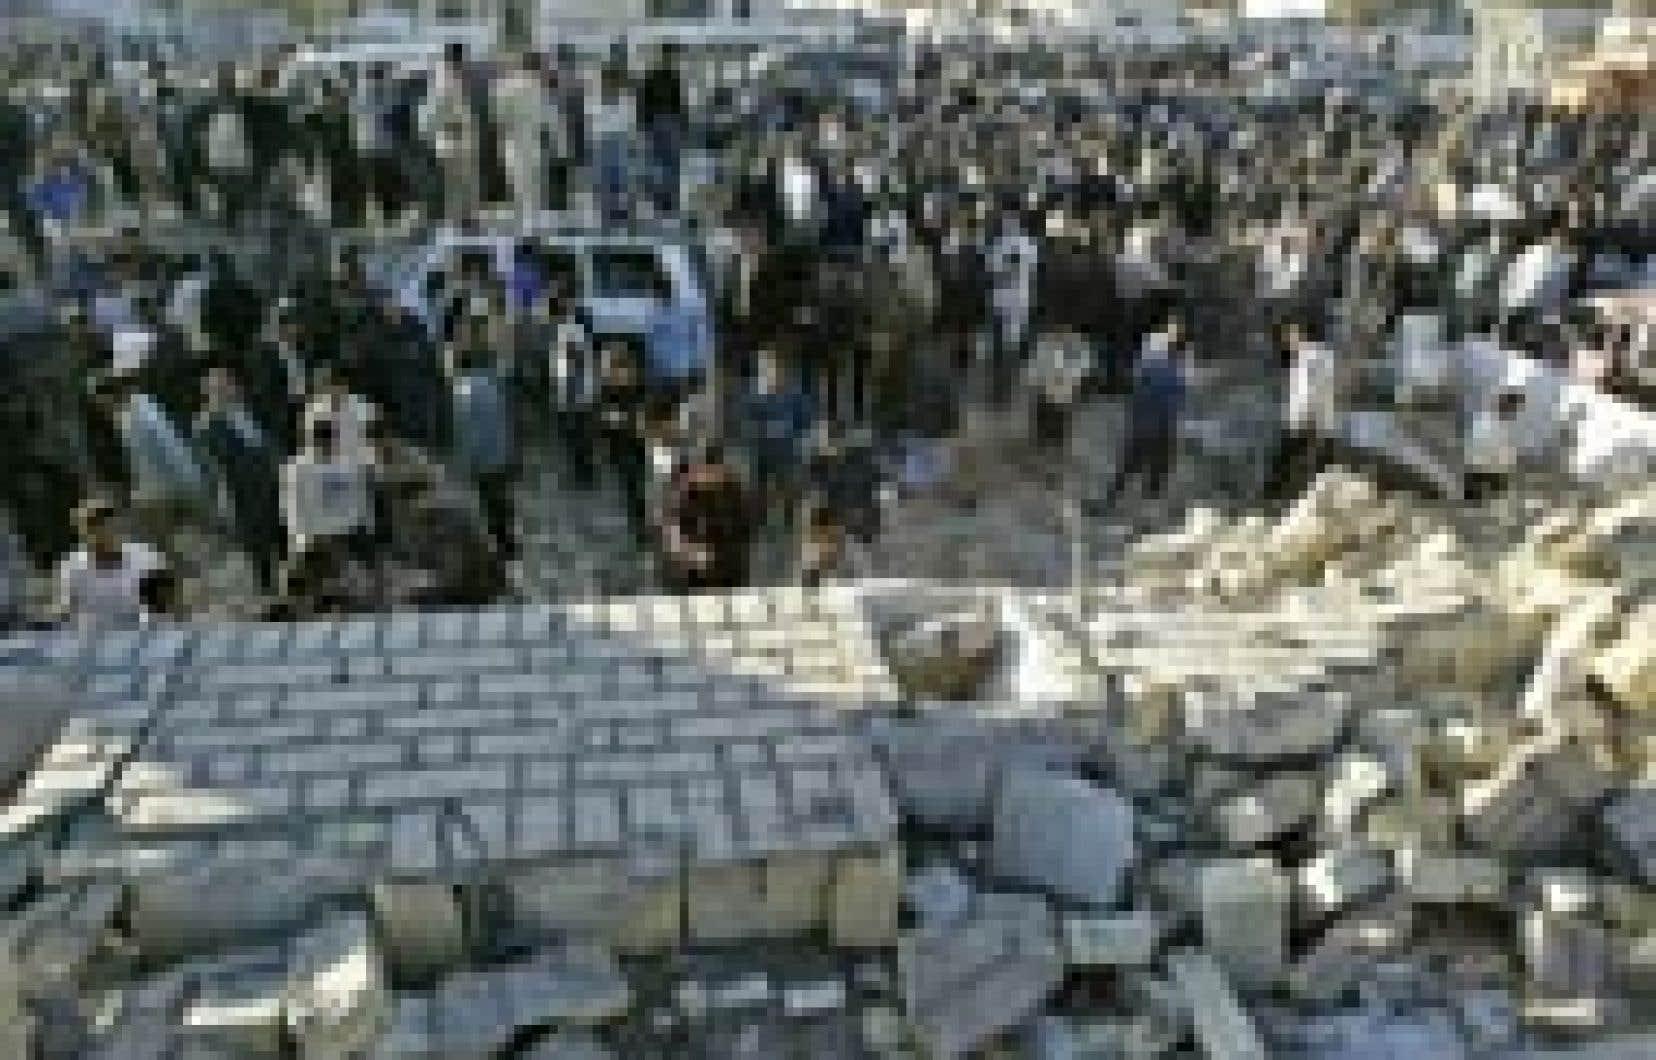 «C'est typique des attentats perpétrés contre les symboles de l'autorité irakienne», a commenté un officier américain.